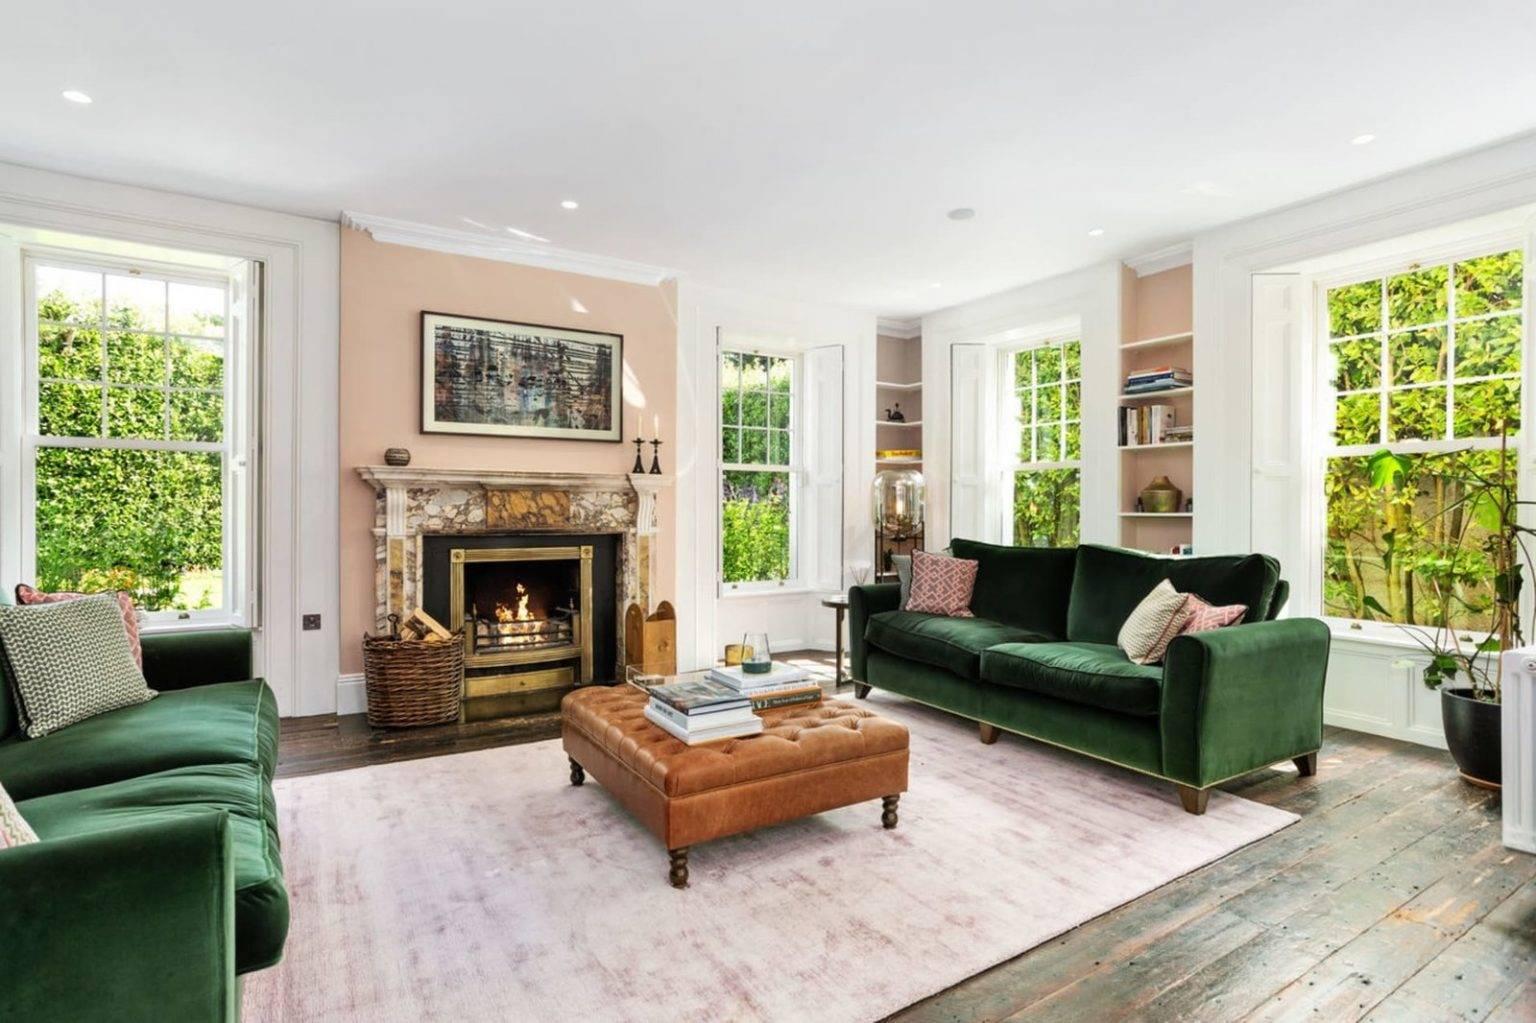 Sofas y chimenea del salon de la casa de Saoirse Ronan de Mujercitas. Sofás de terciopelo y una acogedora chimenea